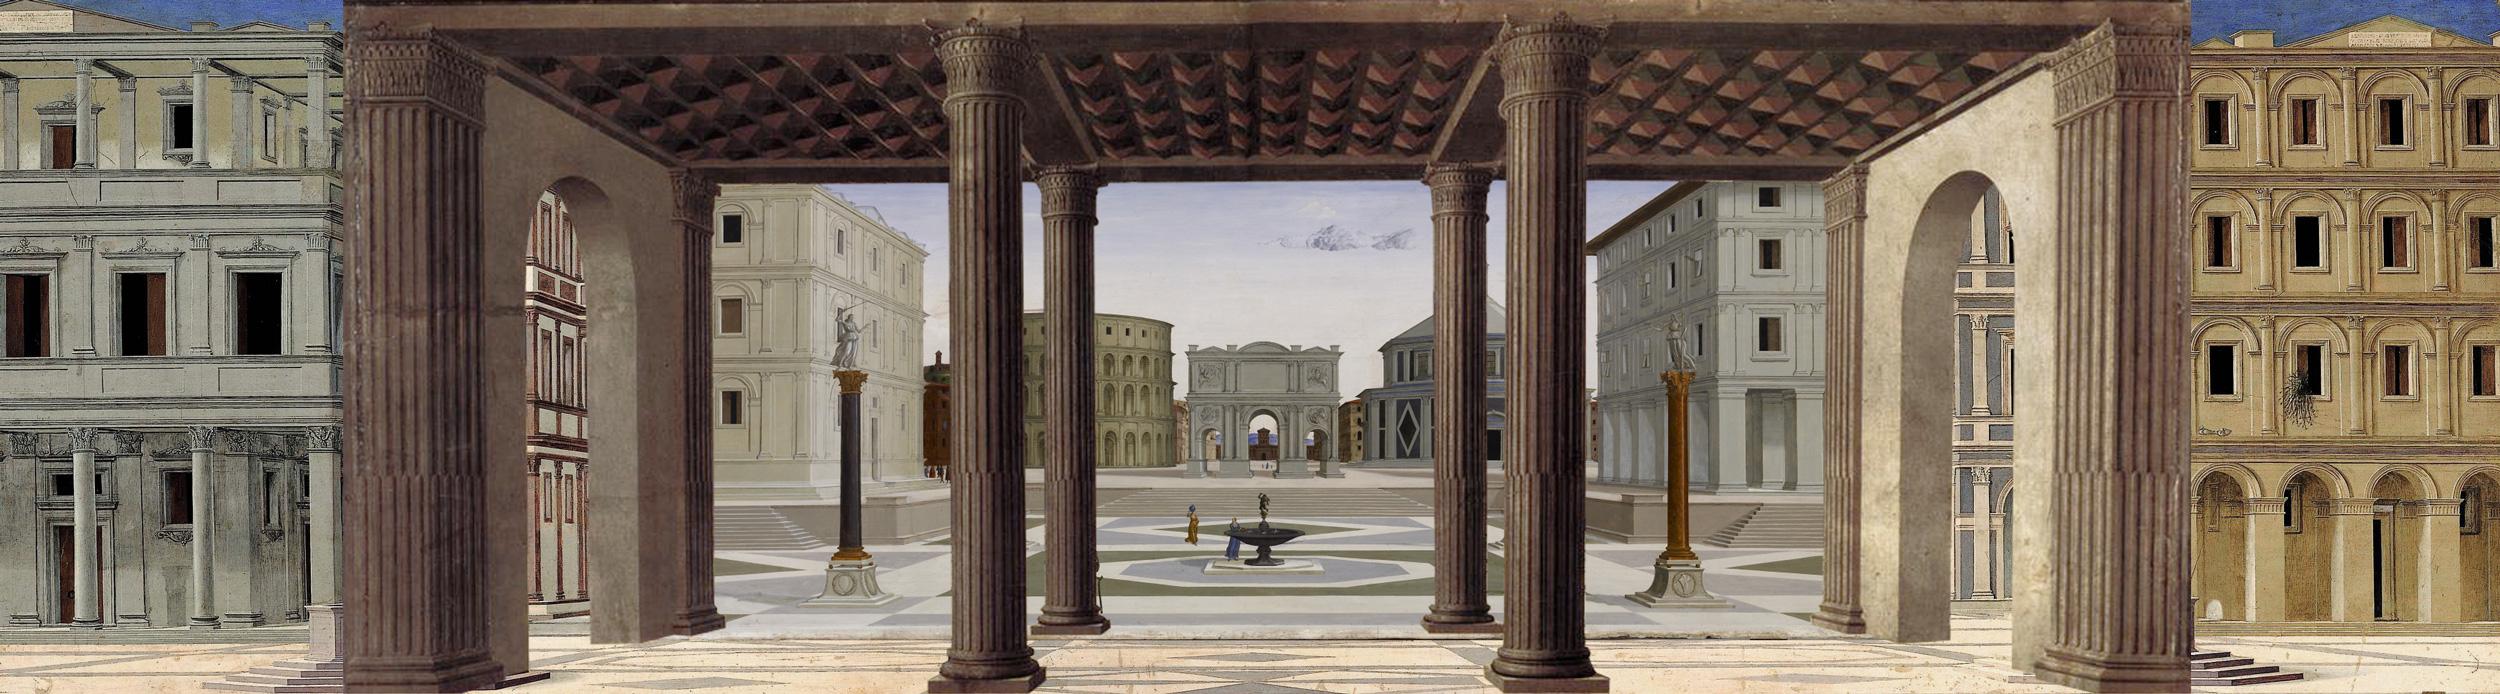 Ideal-city-Reinassance